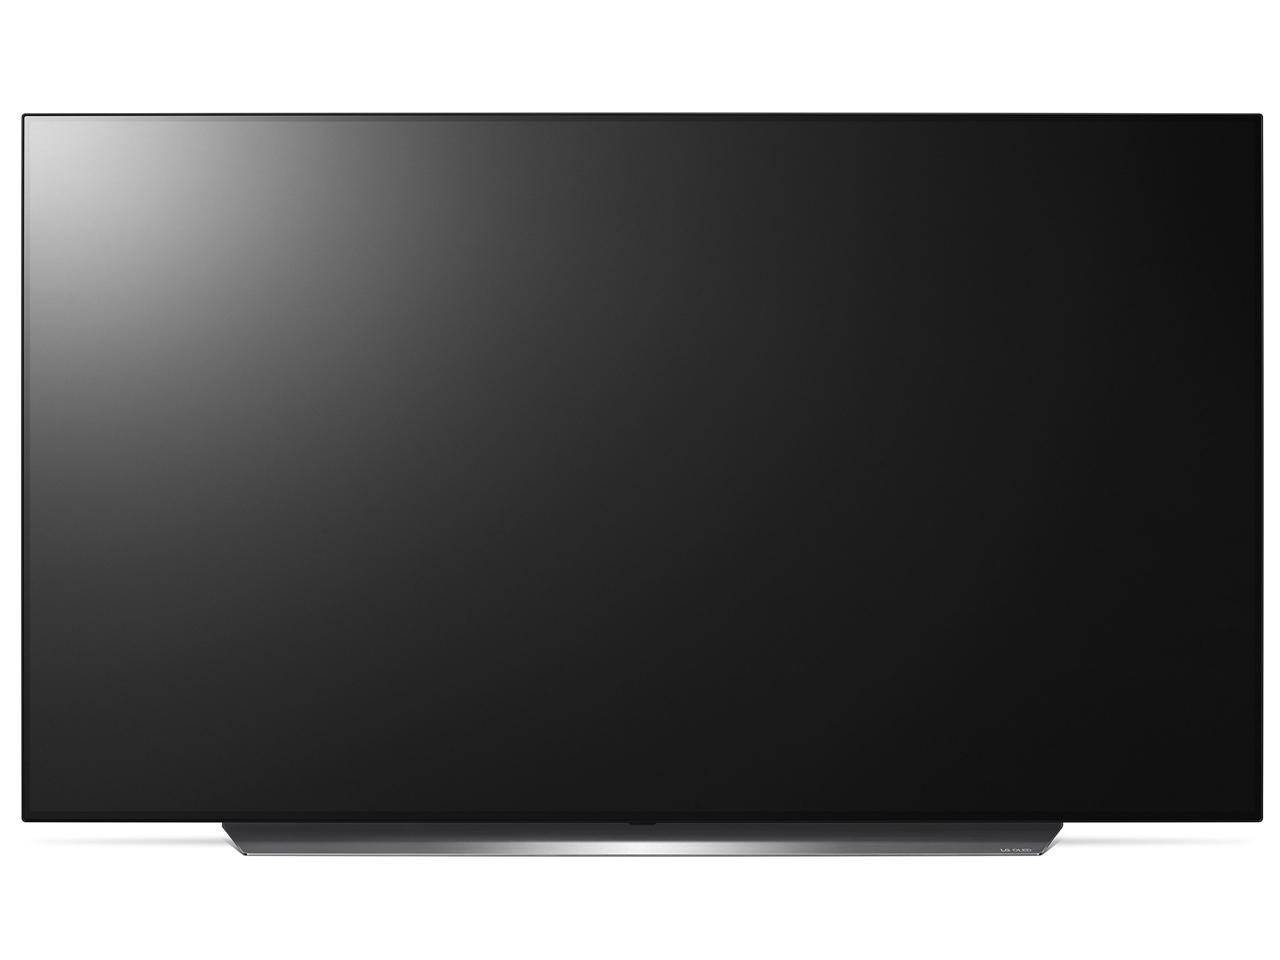 【送料無料】 LGエレクトロニクス OLED55C9PJAOLED テレビ(OLED55C9PJA)【smtb-s】